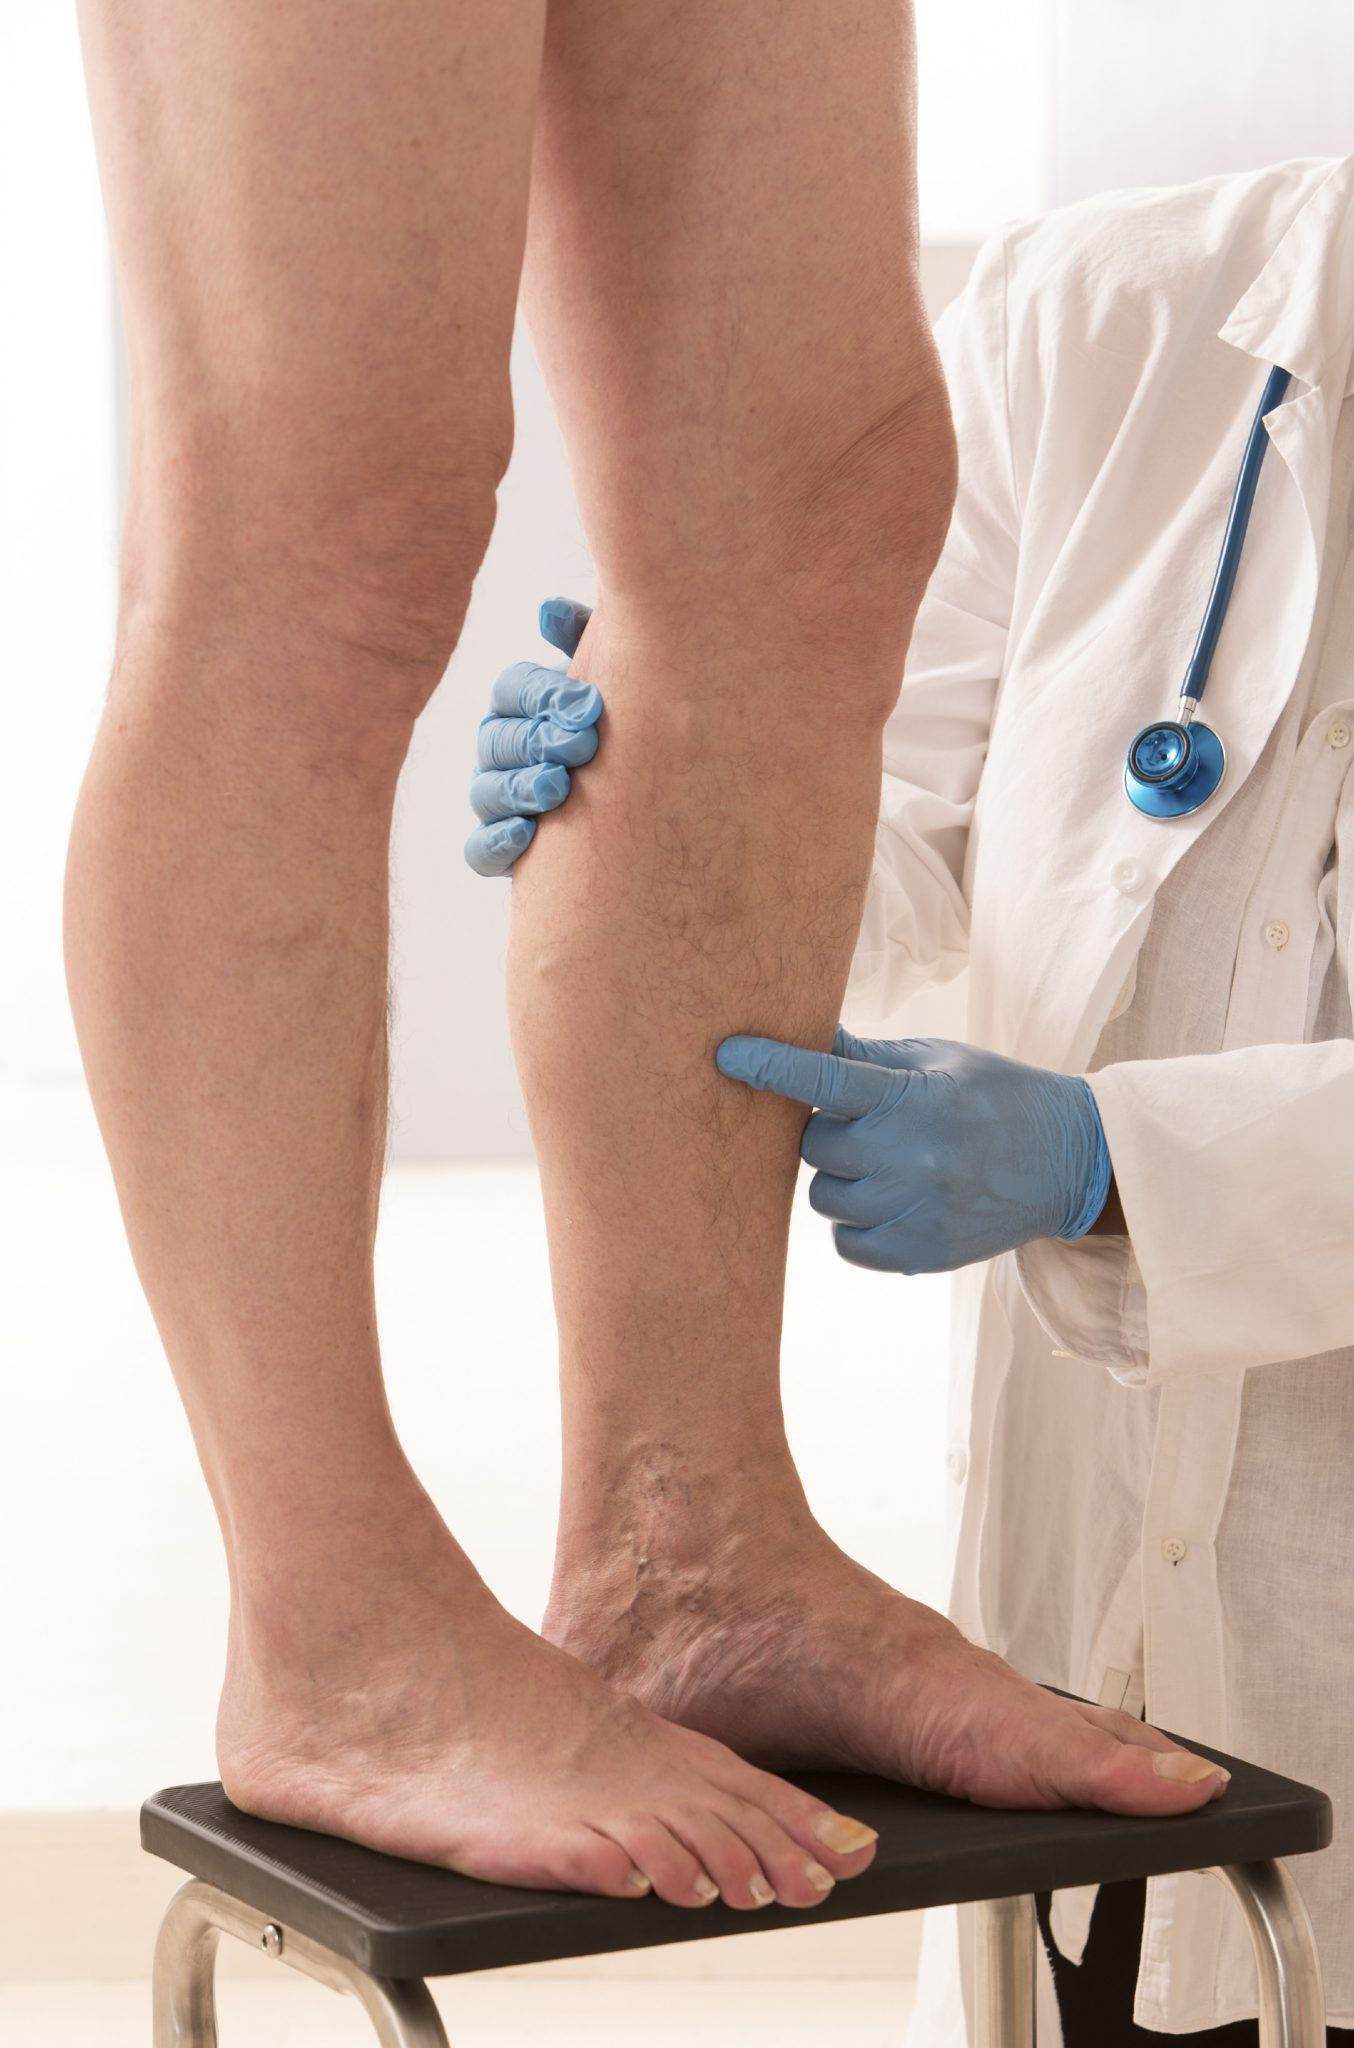 Лечение вен на ногах: методы и способы лечения заболеваний вен нижних конечностей